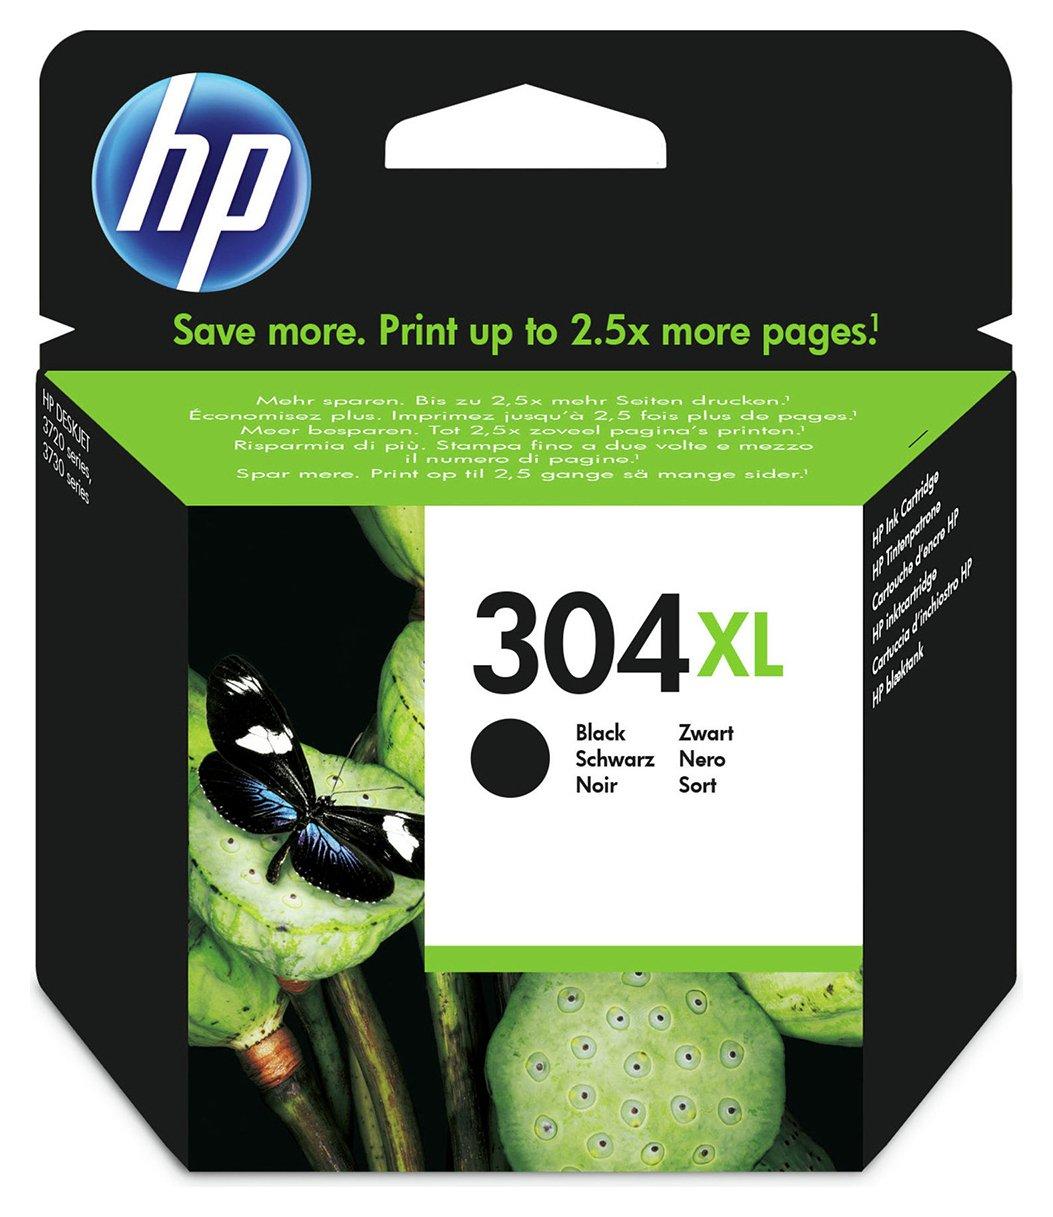 HP 304XL Black Ink Cartridge.